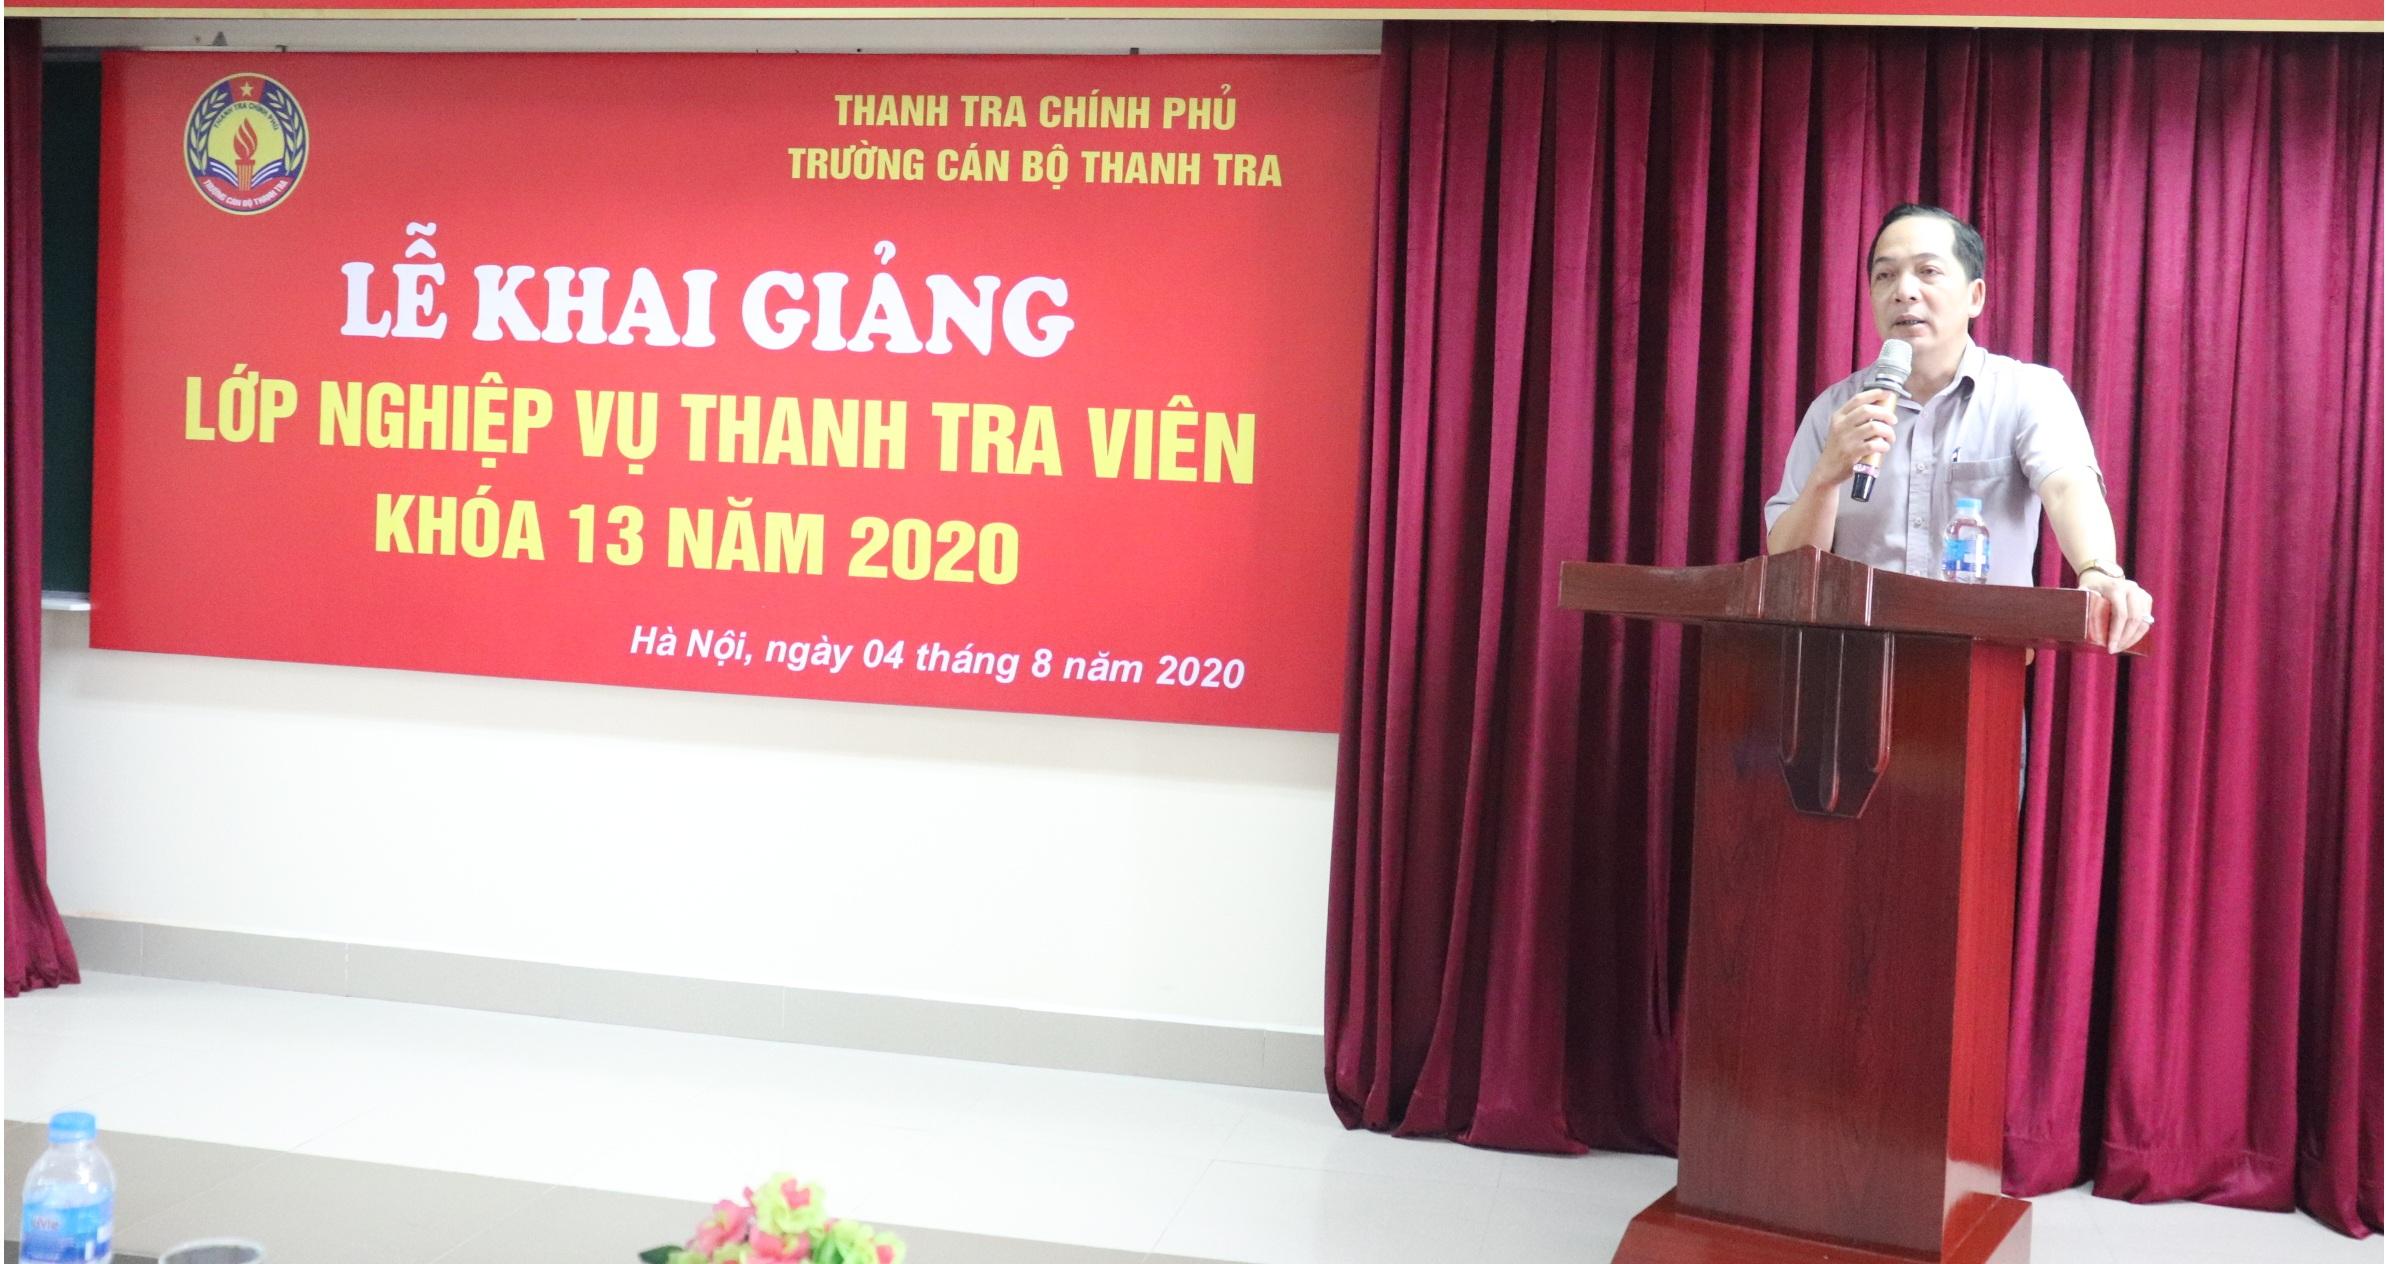 TS Nguyễn Huy Hoàng TTVCC PHT Nhà trường phát biểu khai giảng khóa học